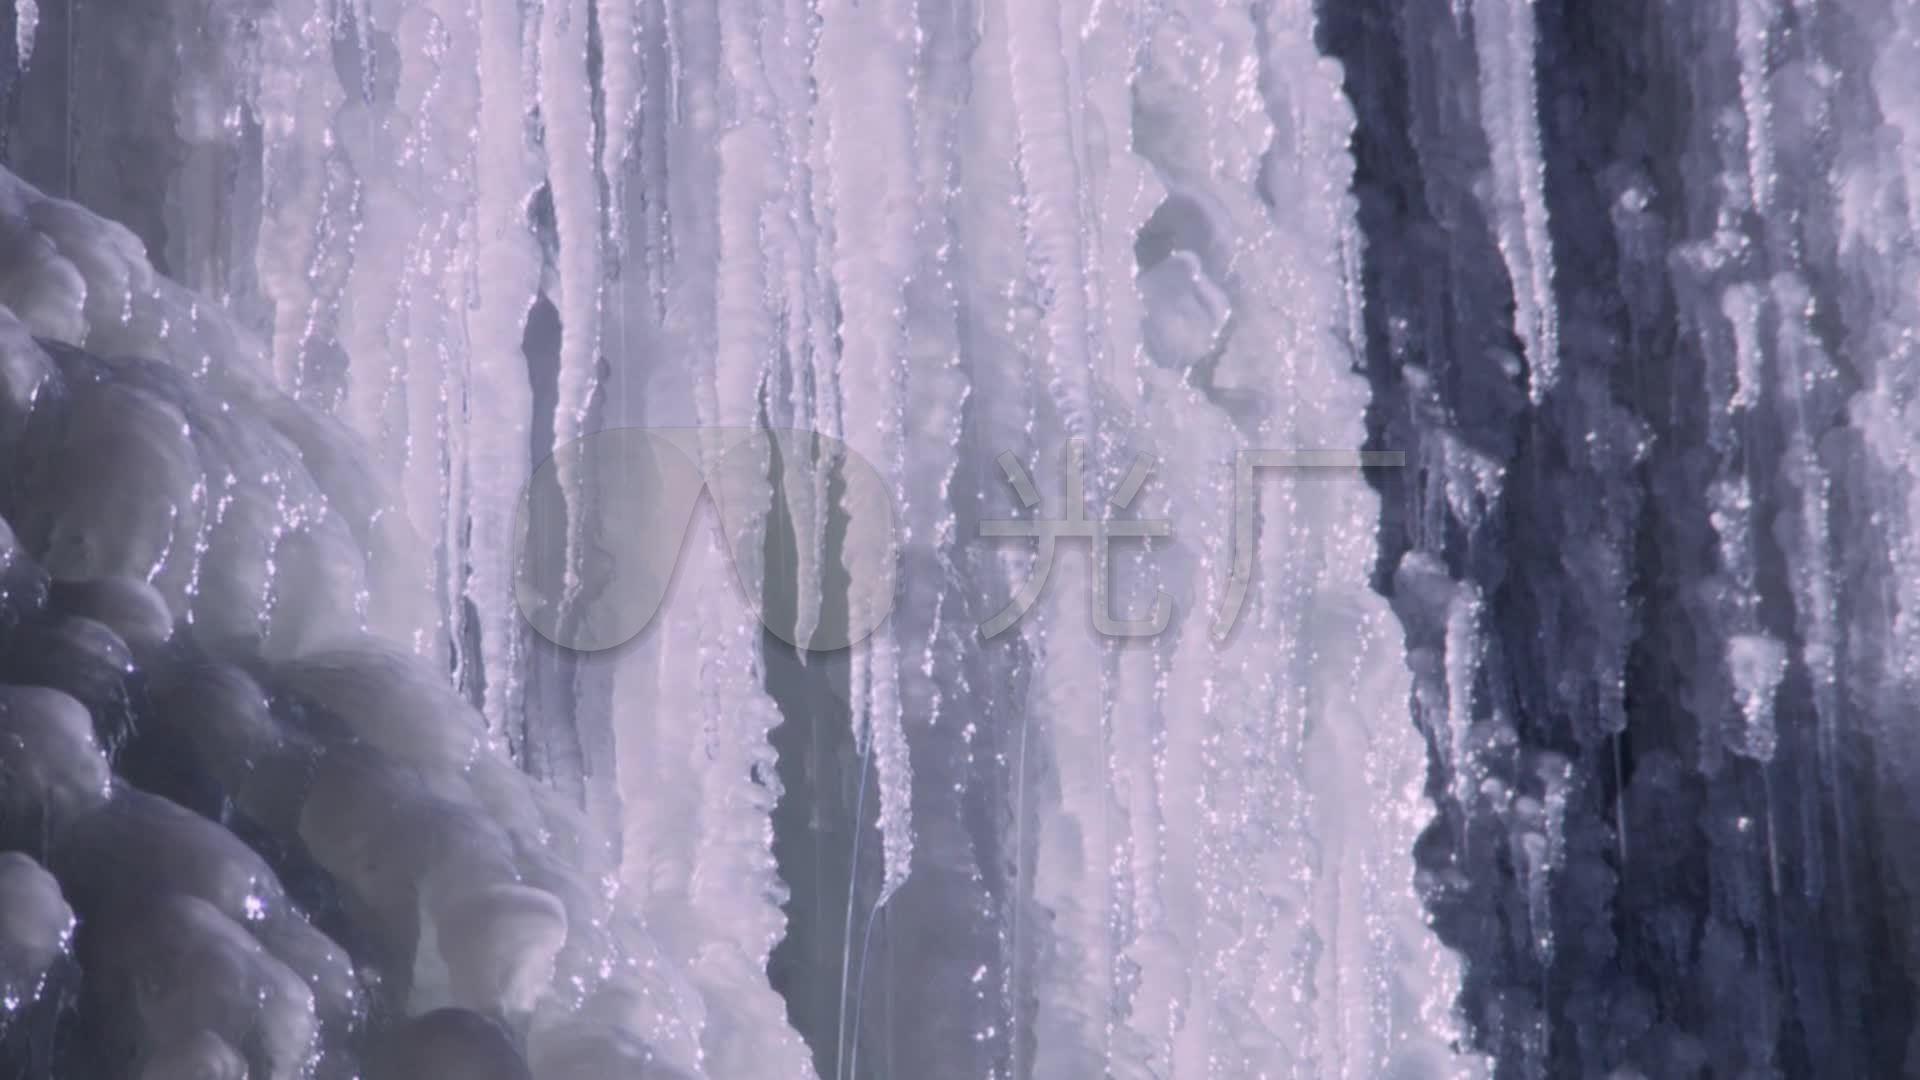 西藏风景风情v风景湖泊视频草原雪山_1920X1期待风光的最美图片